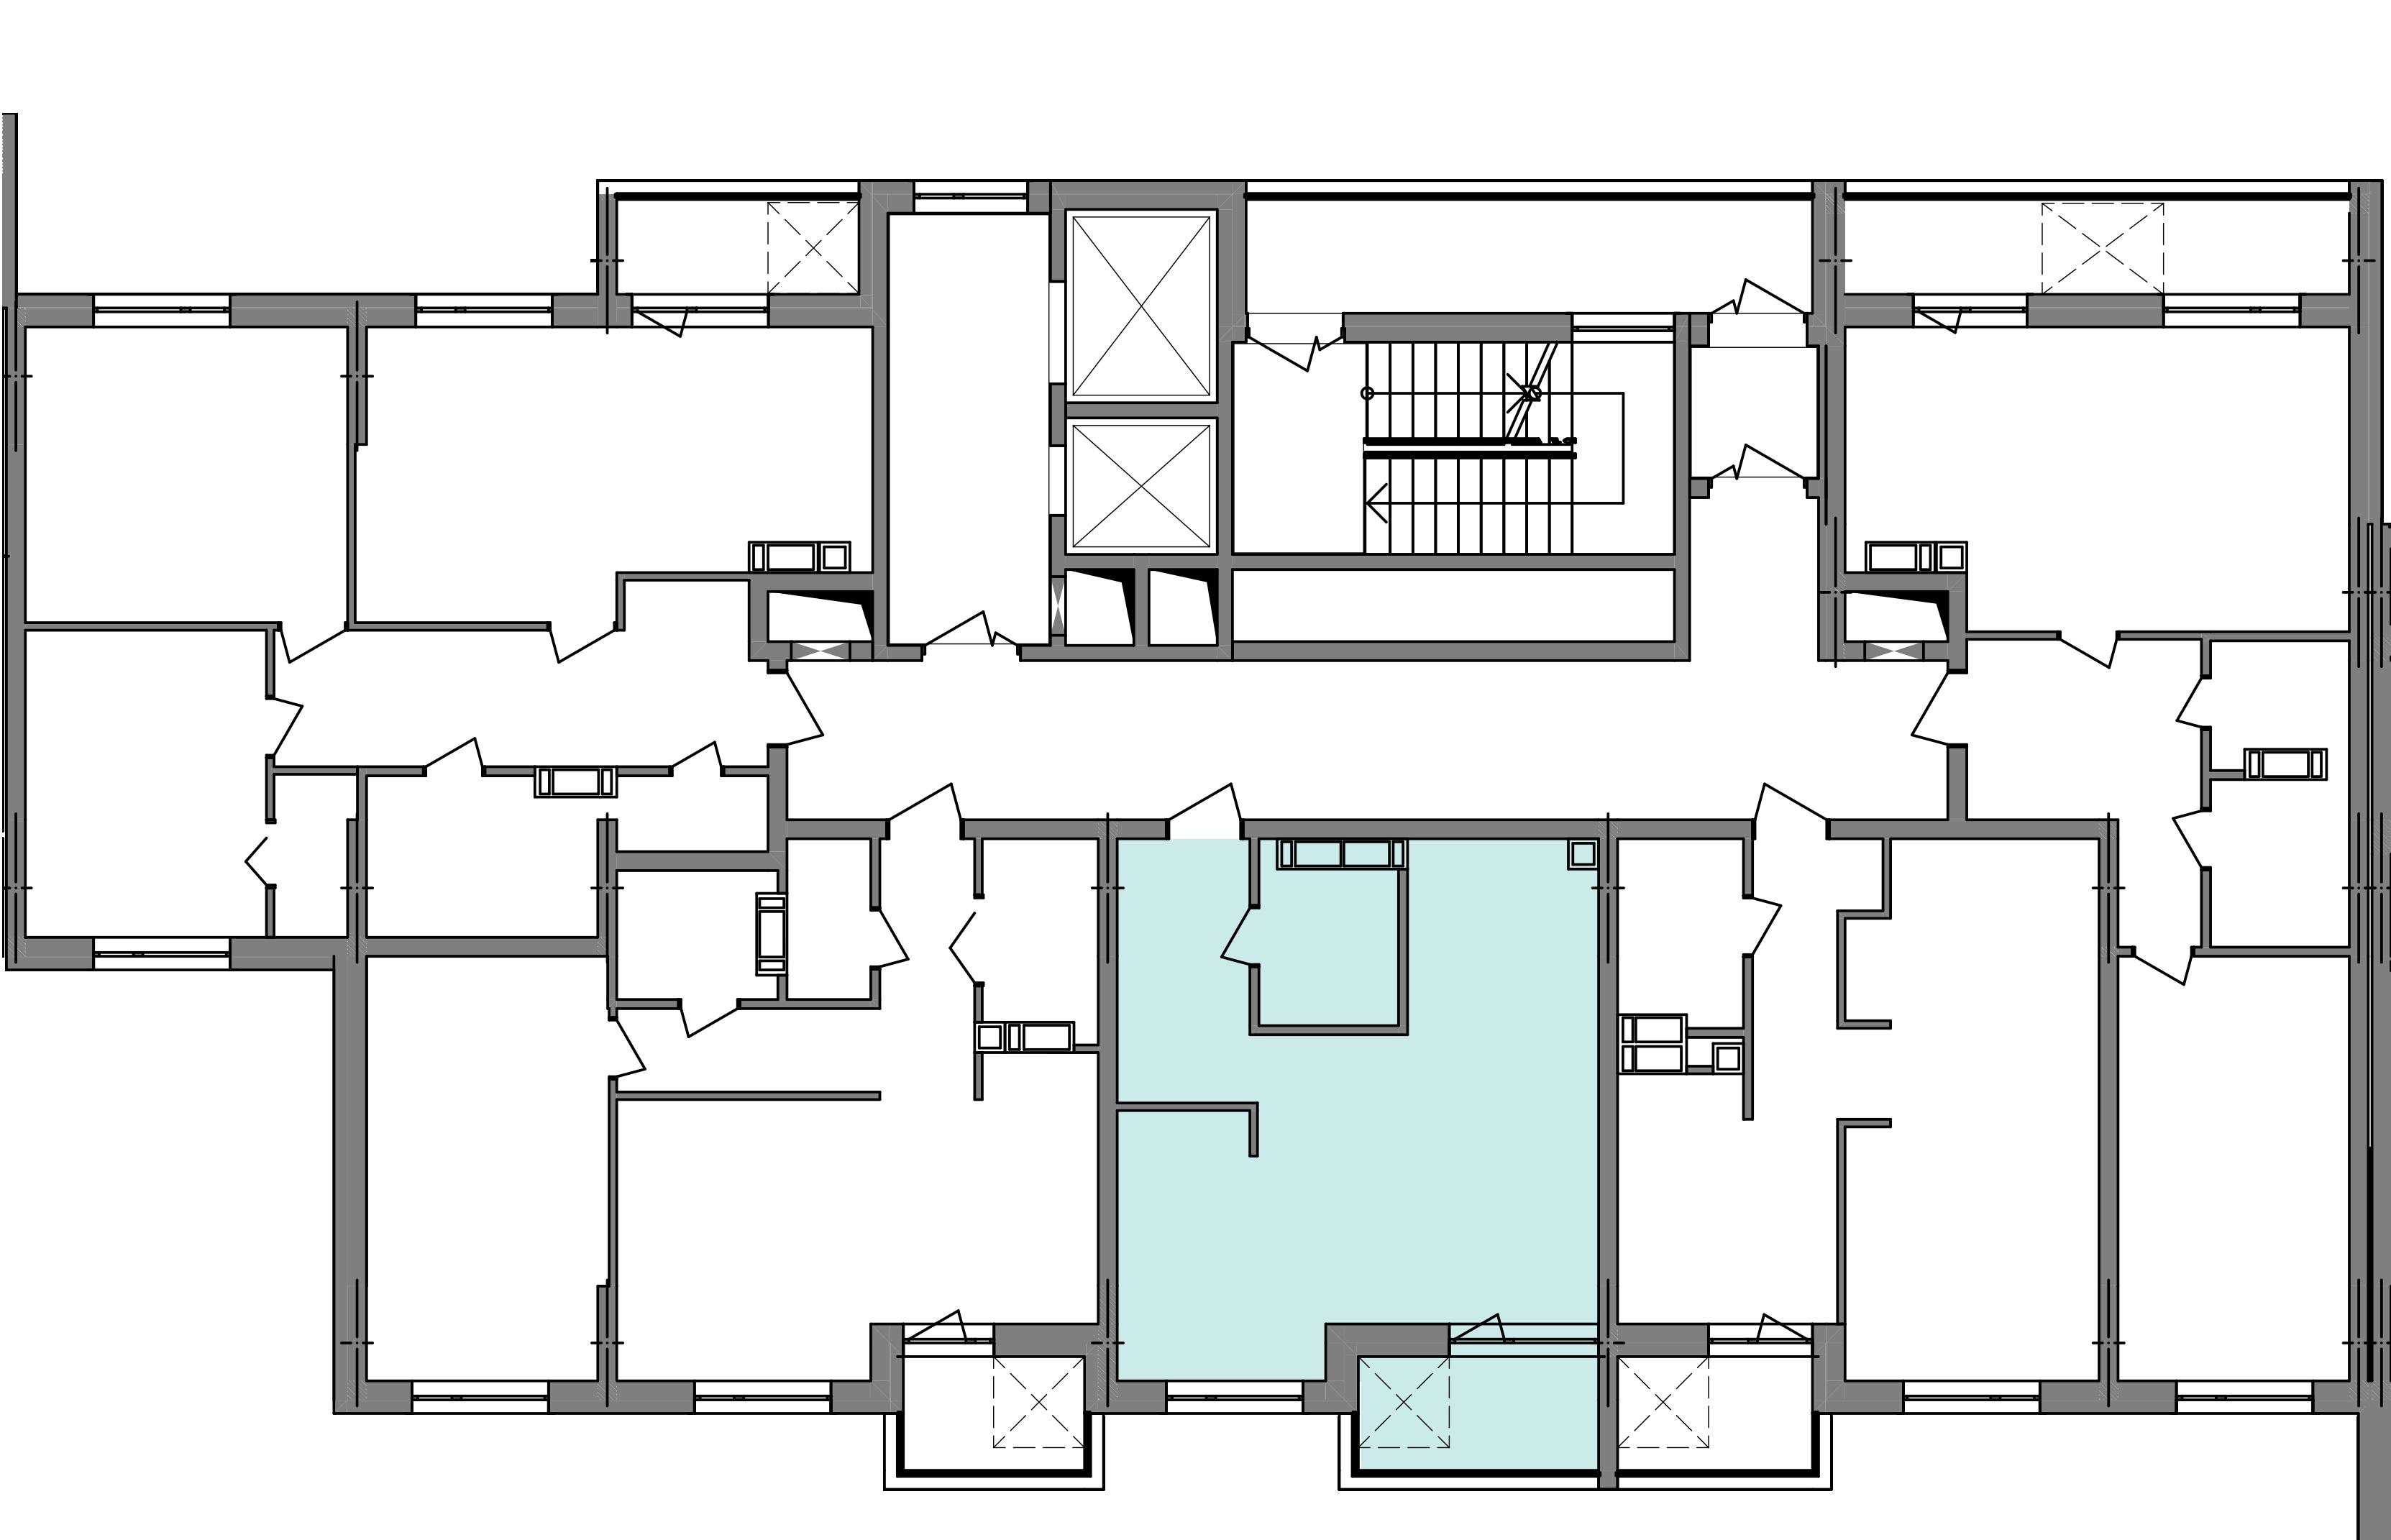 Однокімнатна квартира 40,63 кв.м., тип 1.5, будинок 3 секція 4 розташування на поверсі